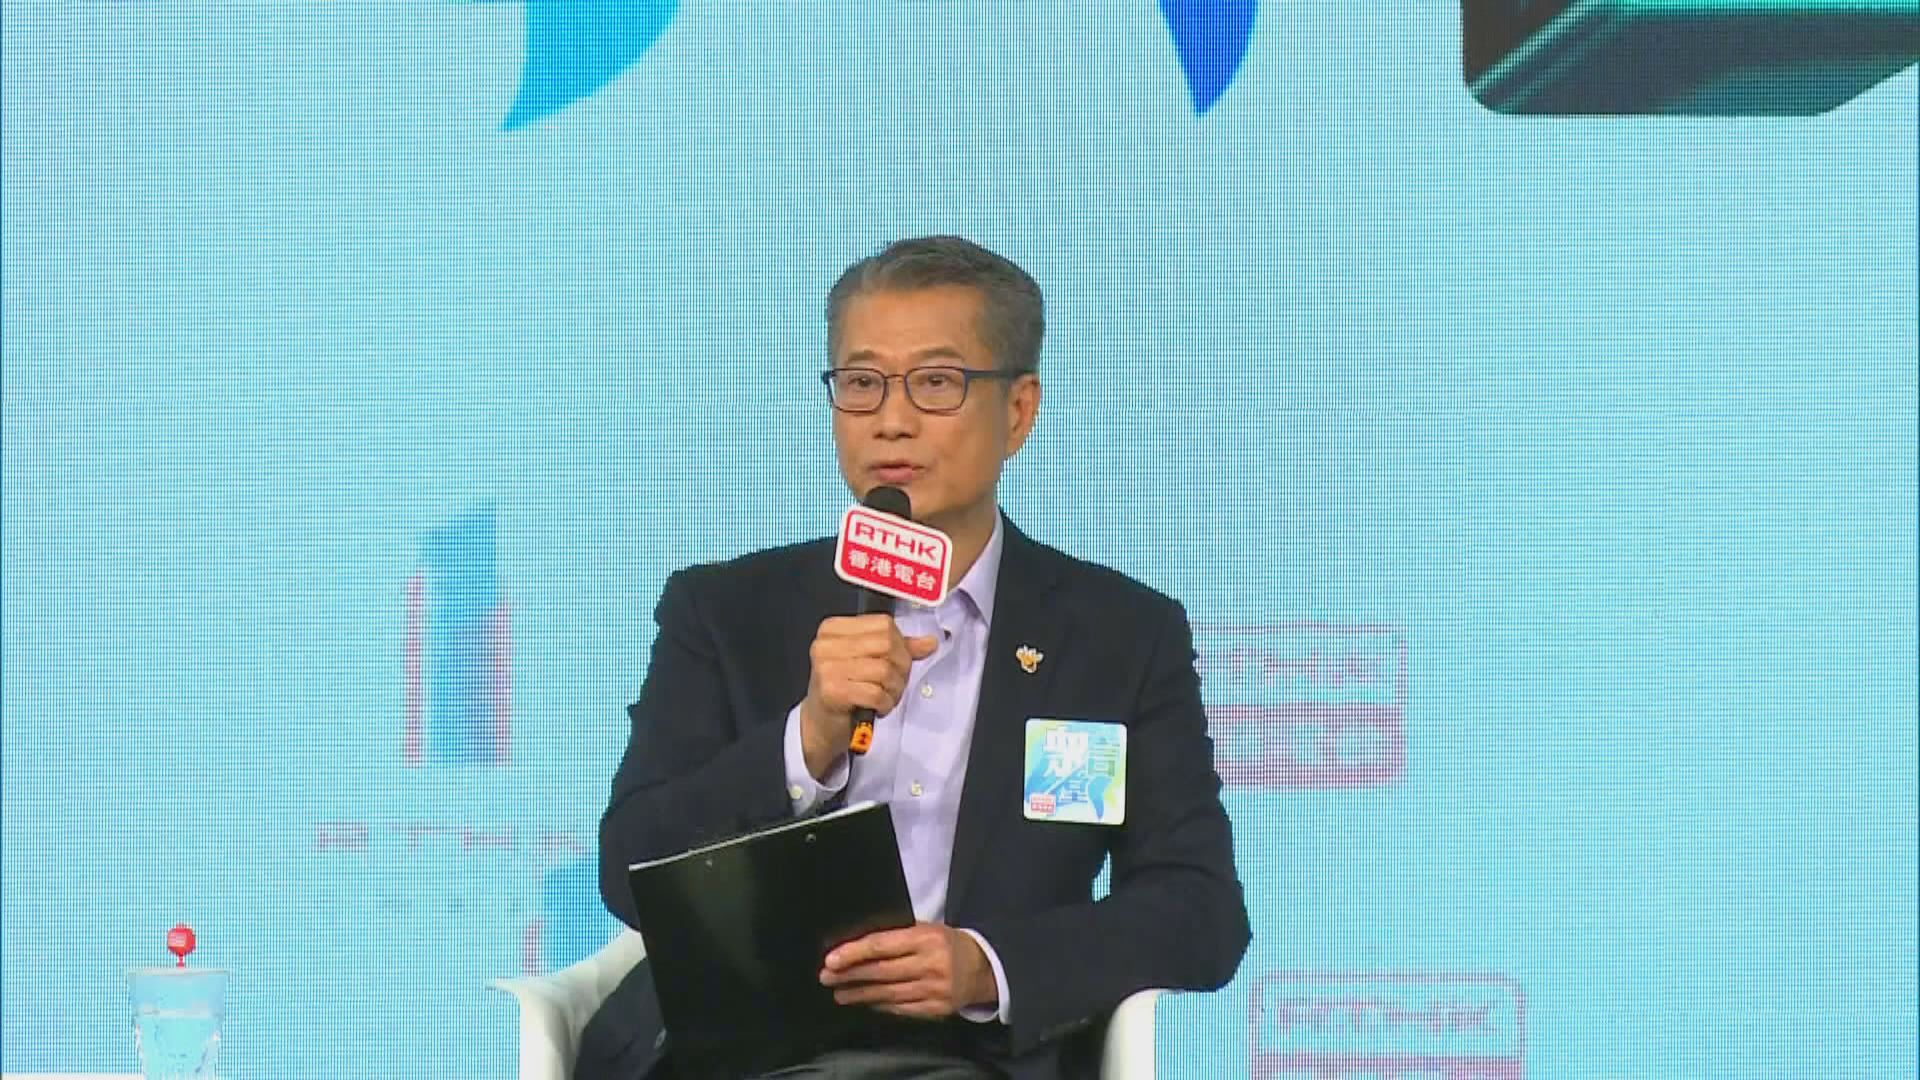 陳茂波指去年香港經濟內外交困 將進一步檢討免稅額